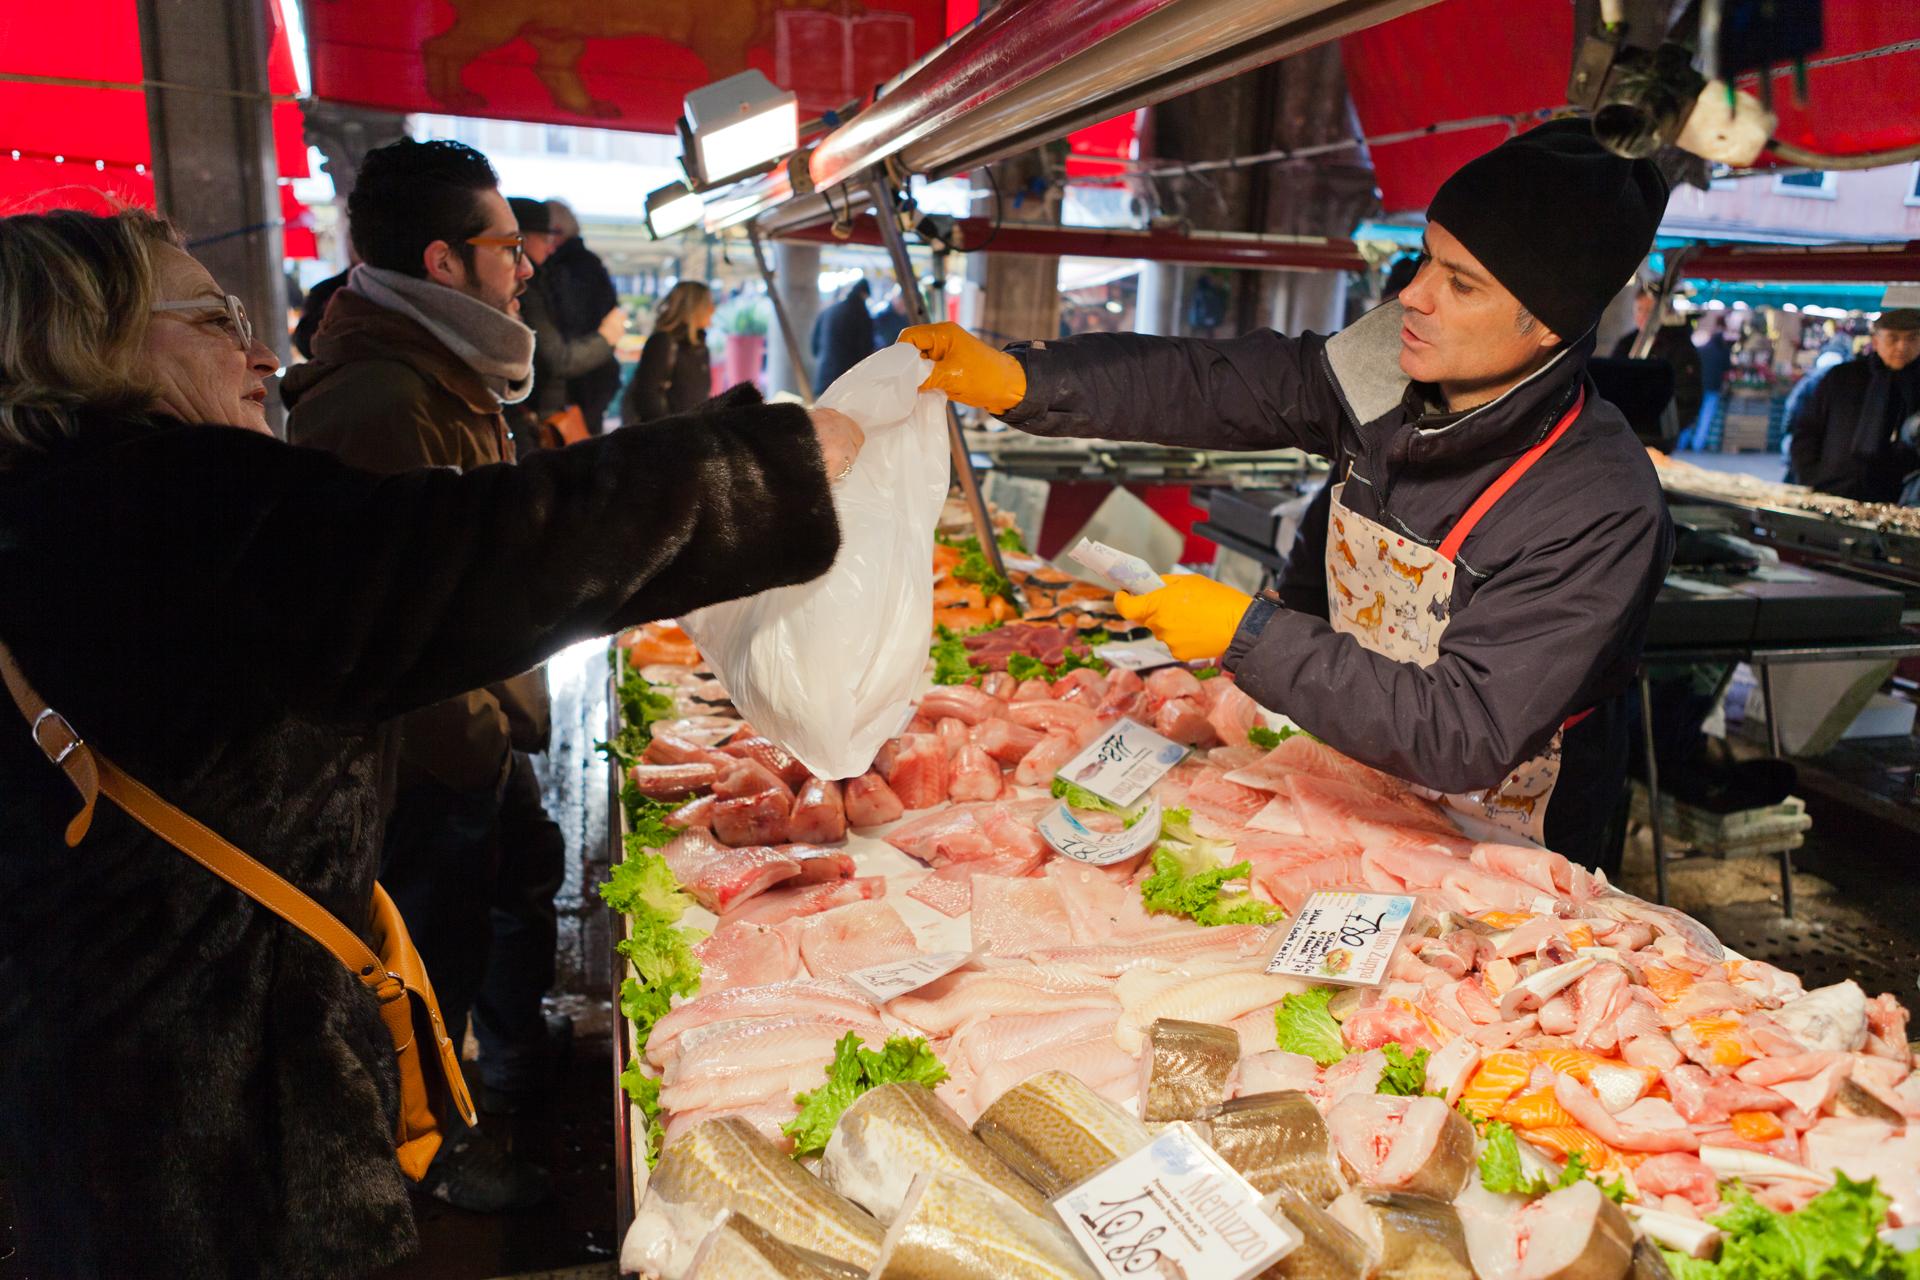 Customer and vendor at the Rialto market in Venice.